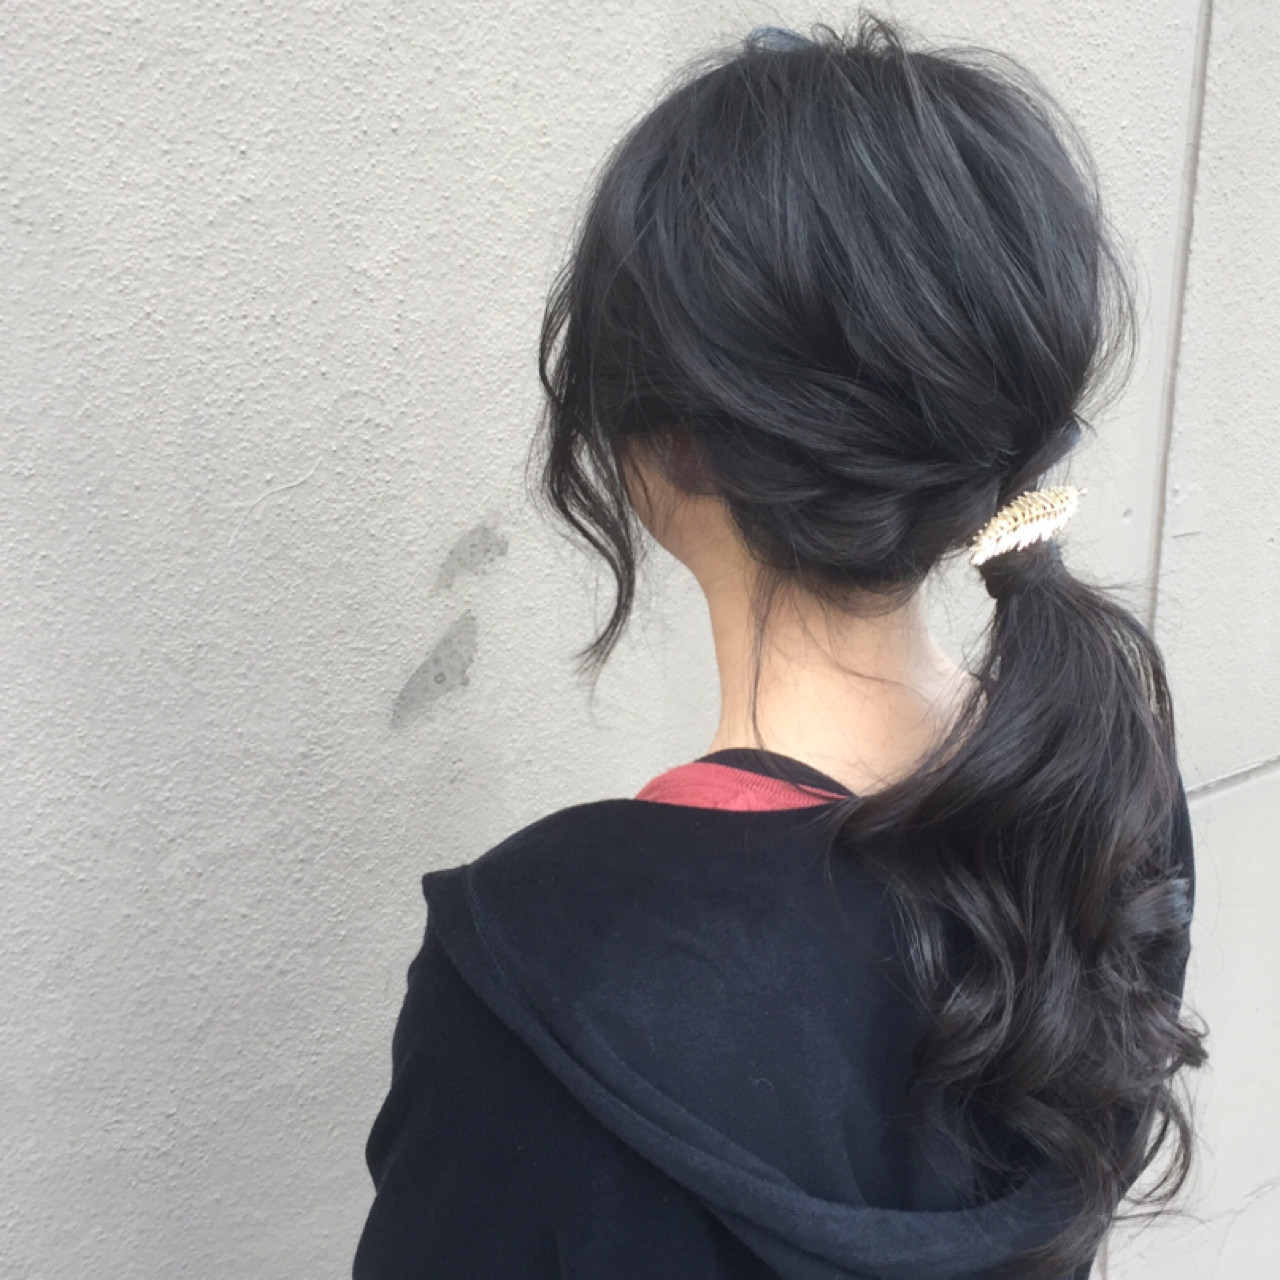 黒髪女子必見♪ツヤツヤの黒髪が映えるおすすめヘアアレンジに挑戦しよう! 新谷 朋宏  Free hairstylist shinya